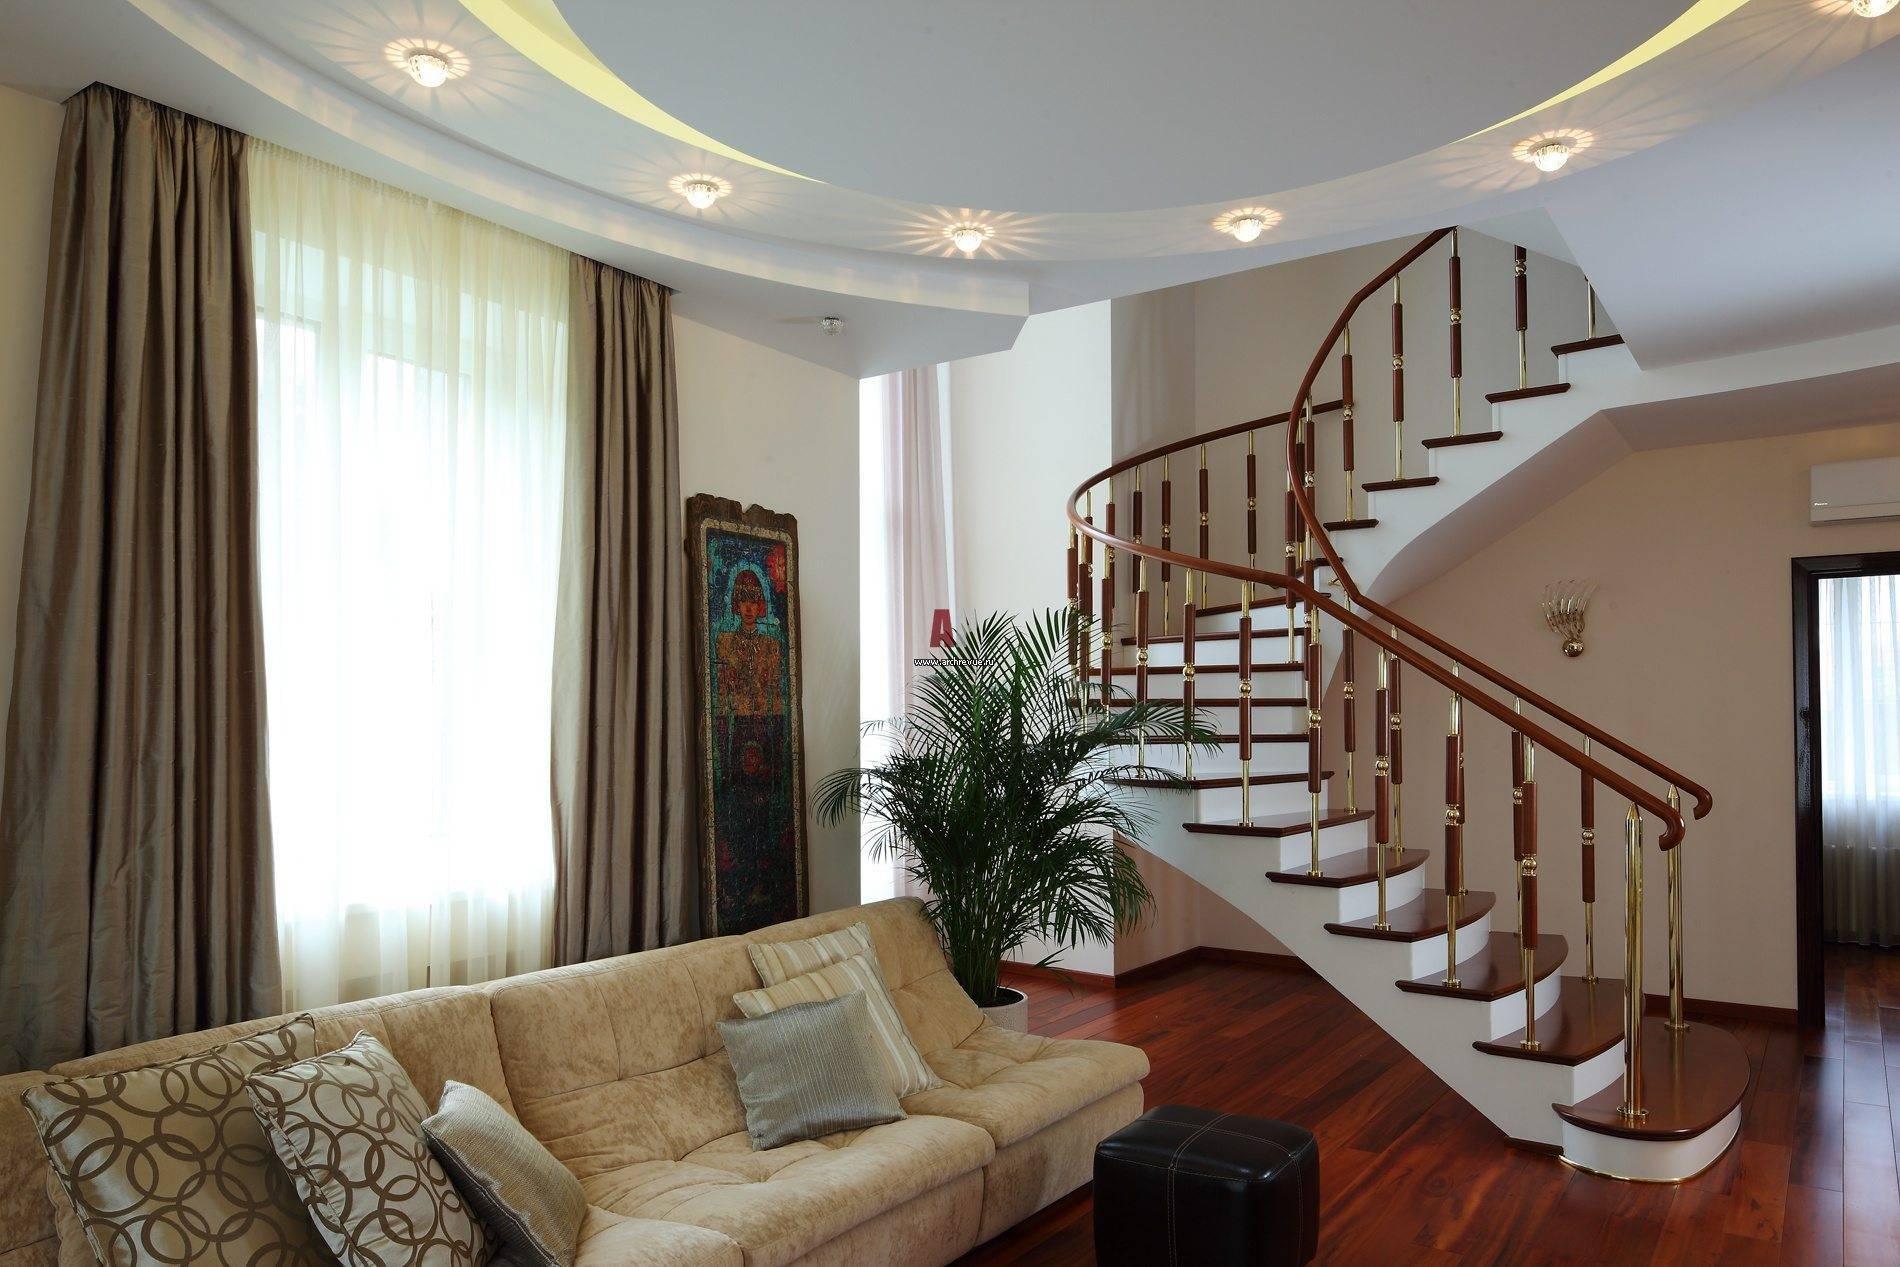 Интерьер гостиной с лестницей в частном доме фото